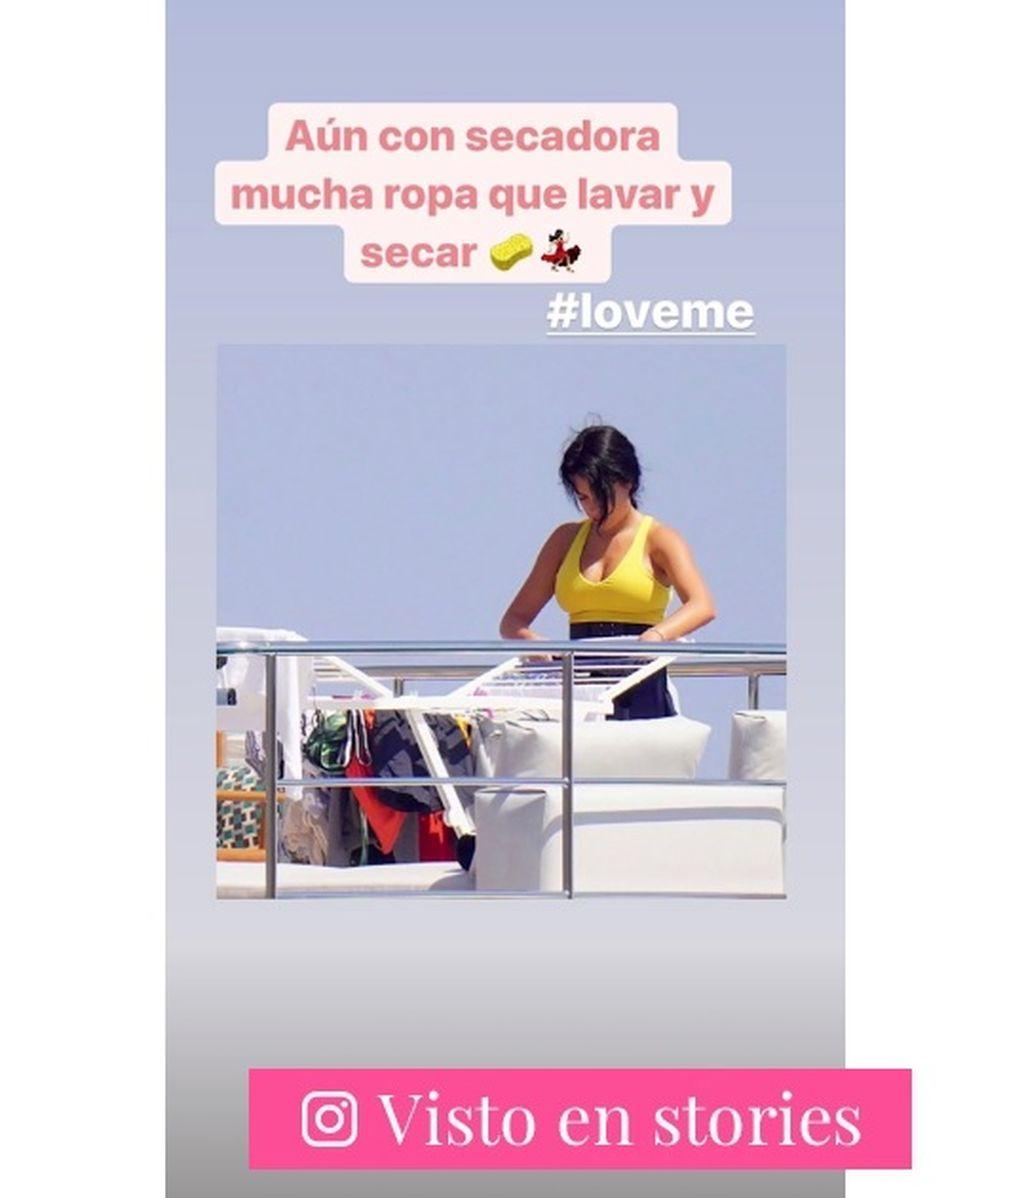 La imagen de Georgina Rodríguez tendiendo la ropa que se ha hecho viral